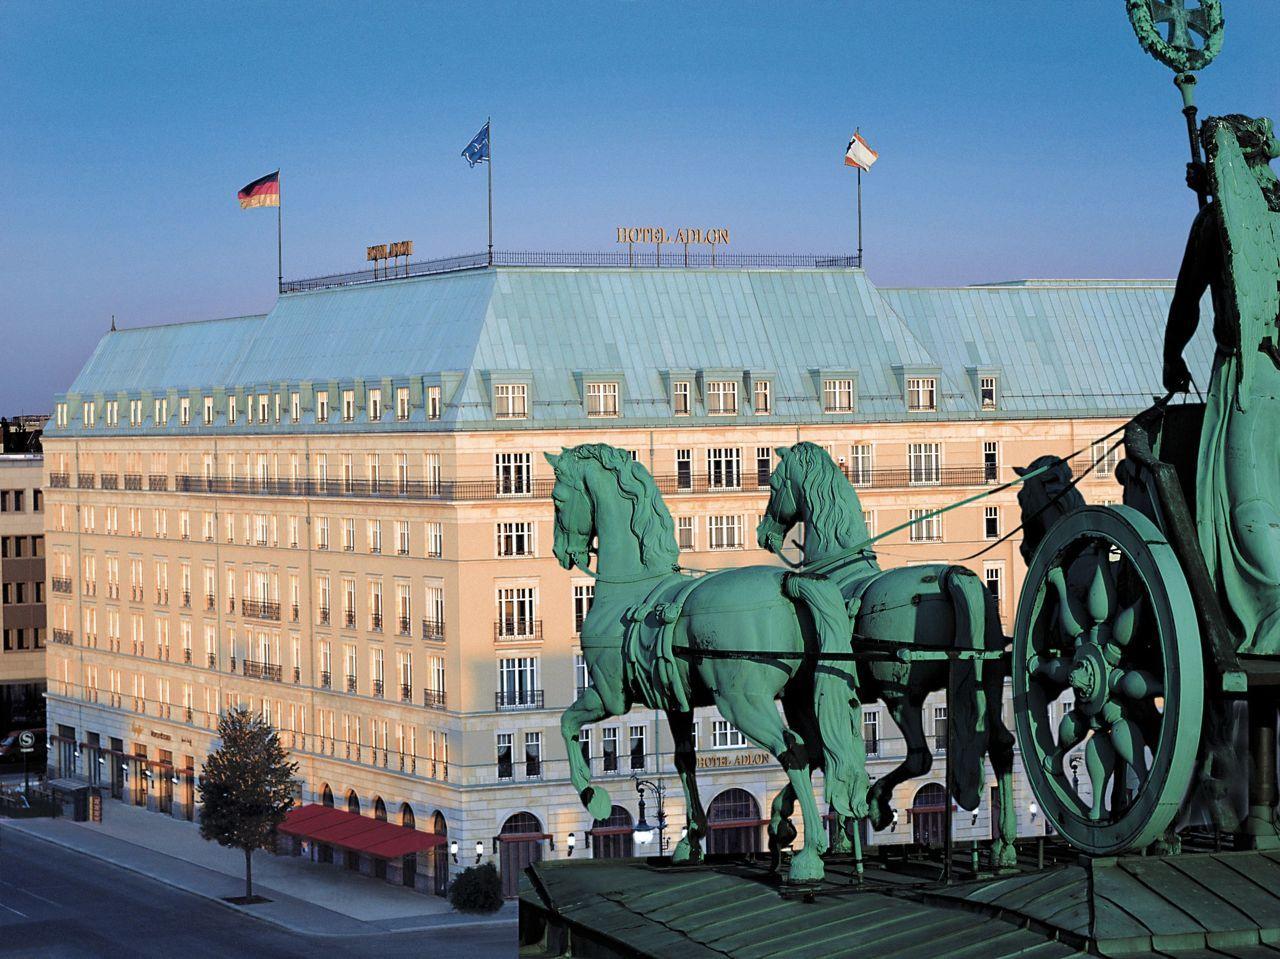 Hotel Adlon Kempinski Berlin Photo Courtesy Hotel Adlon Berlin Stadt Reisen Deutsche Landschaft